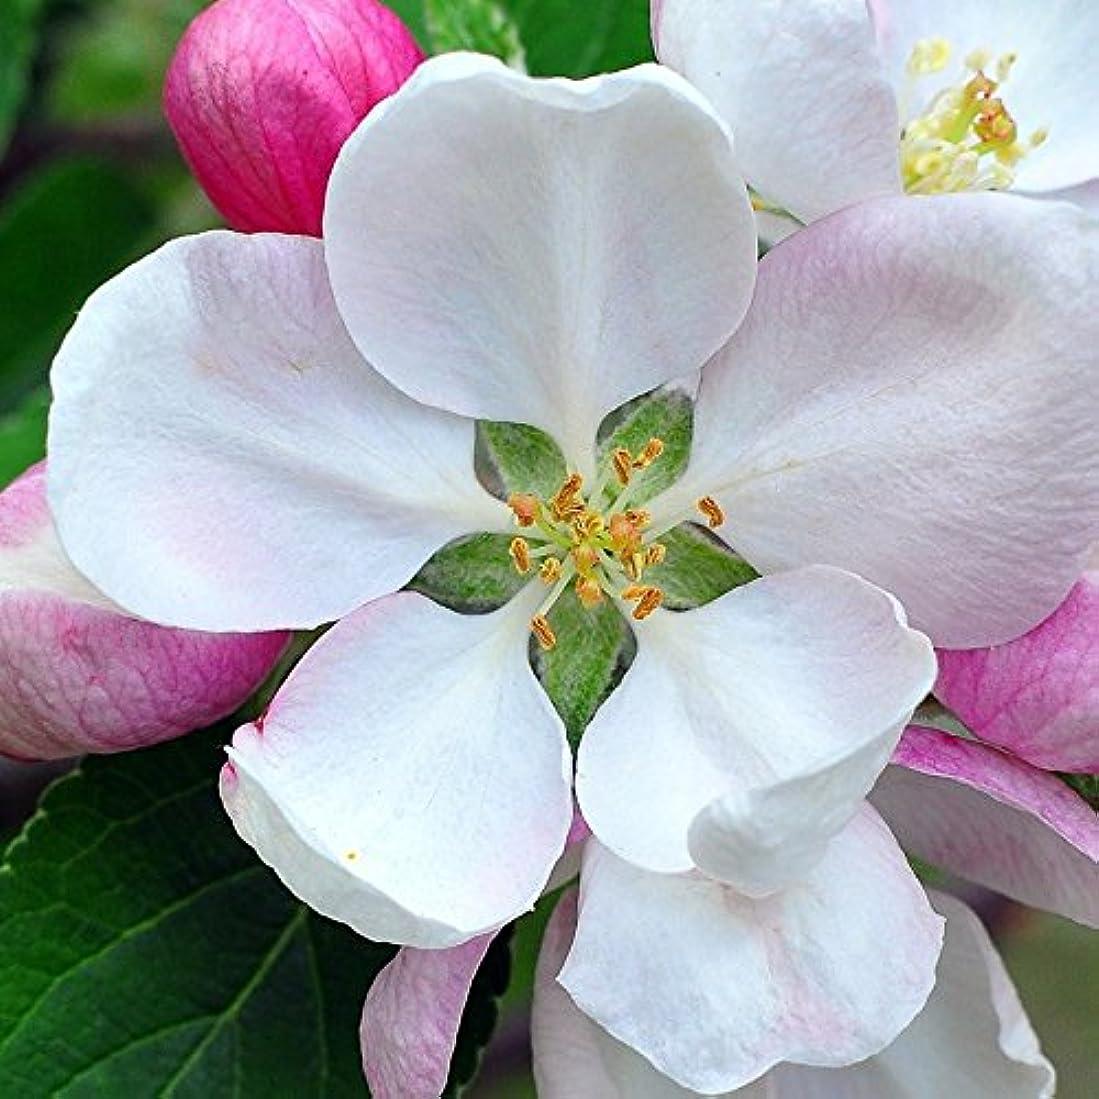 入手します心のこもった十億アロマフレグランスオイル 日本モクレン(Japanese Magnolia)